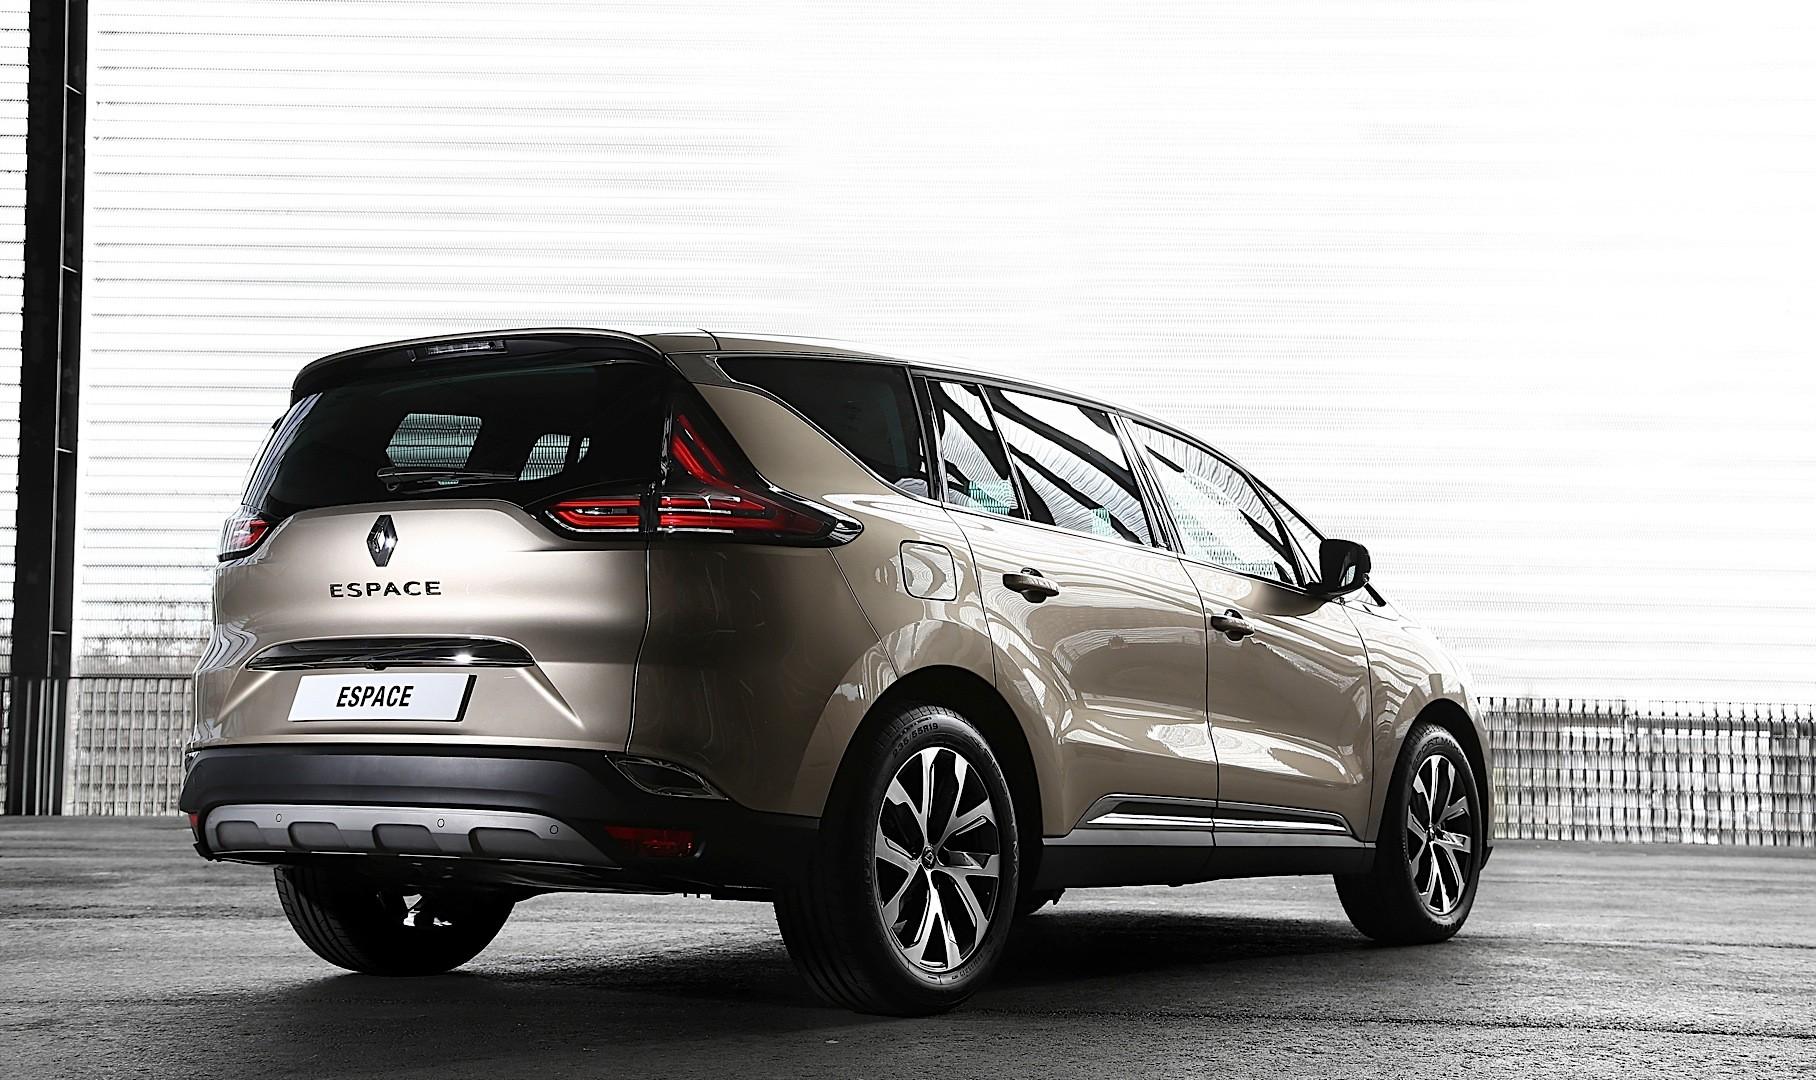 2015 Renault Espace Looks Stunning in Dark Amethyst ...